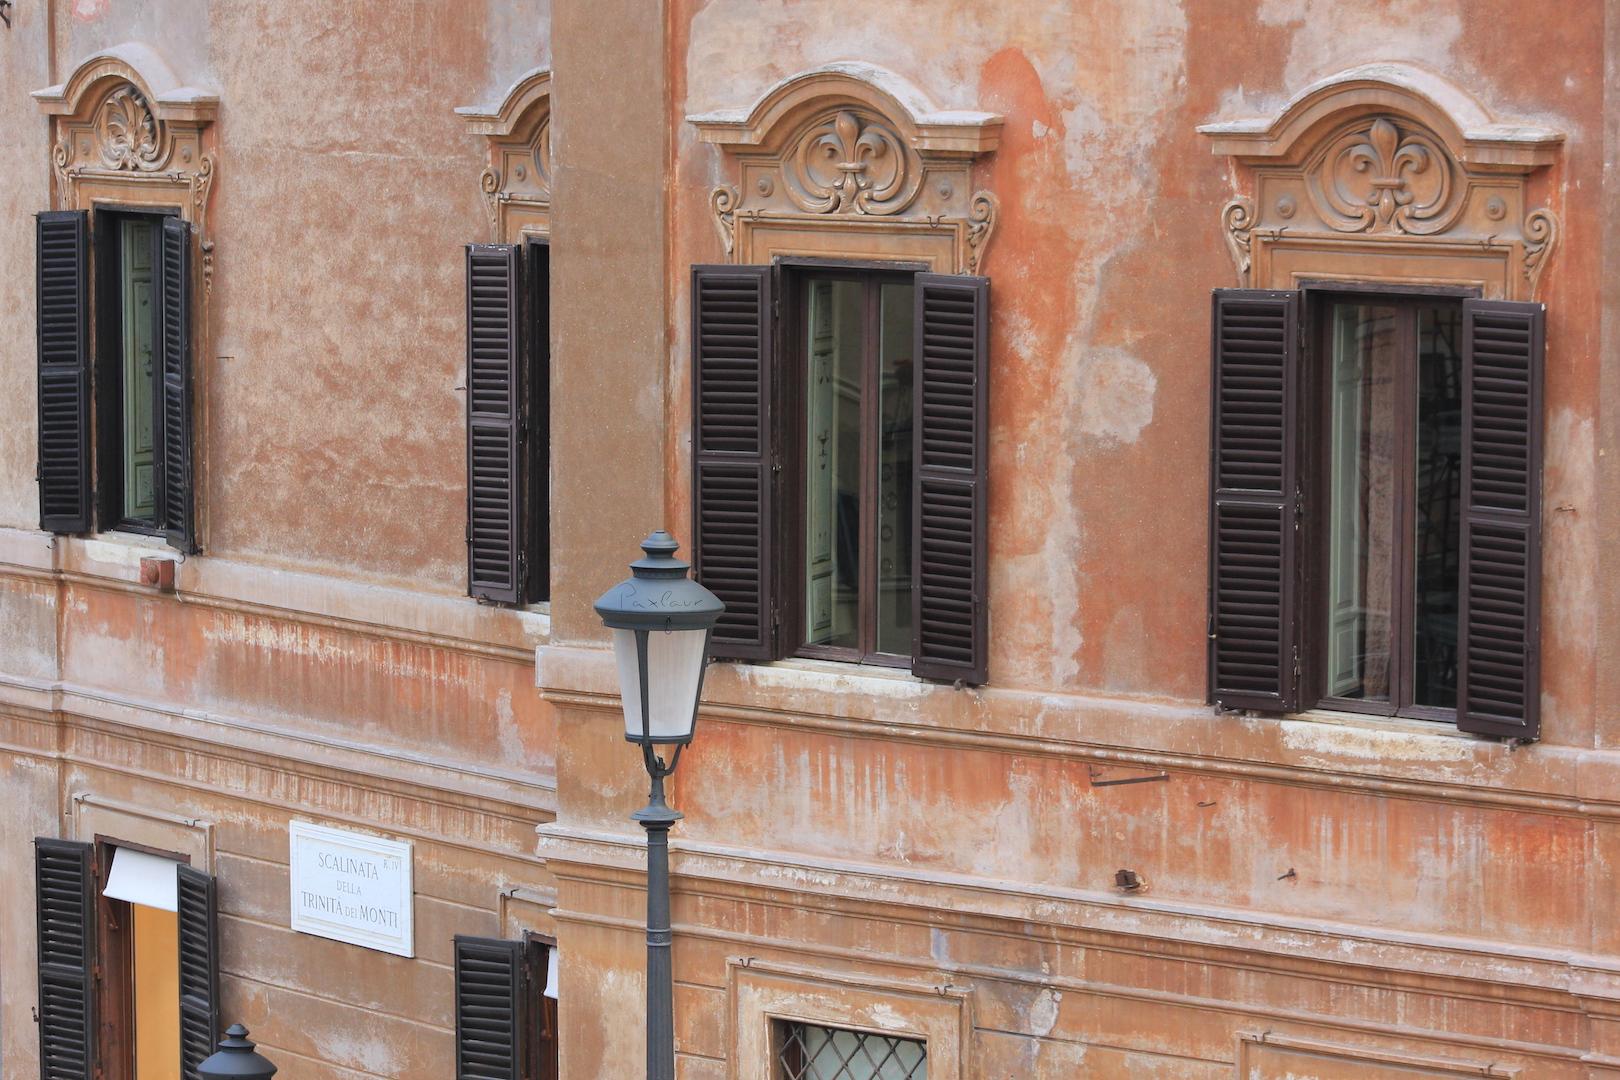 roma_piazza-di-spagna_noiembrie2016_paxlaur11